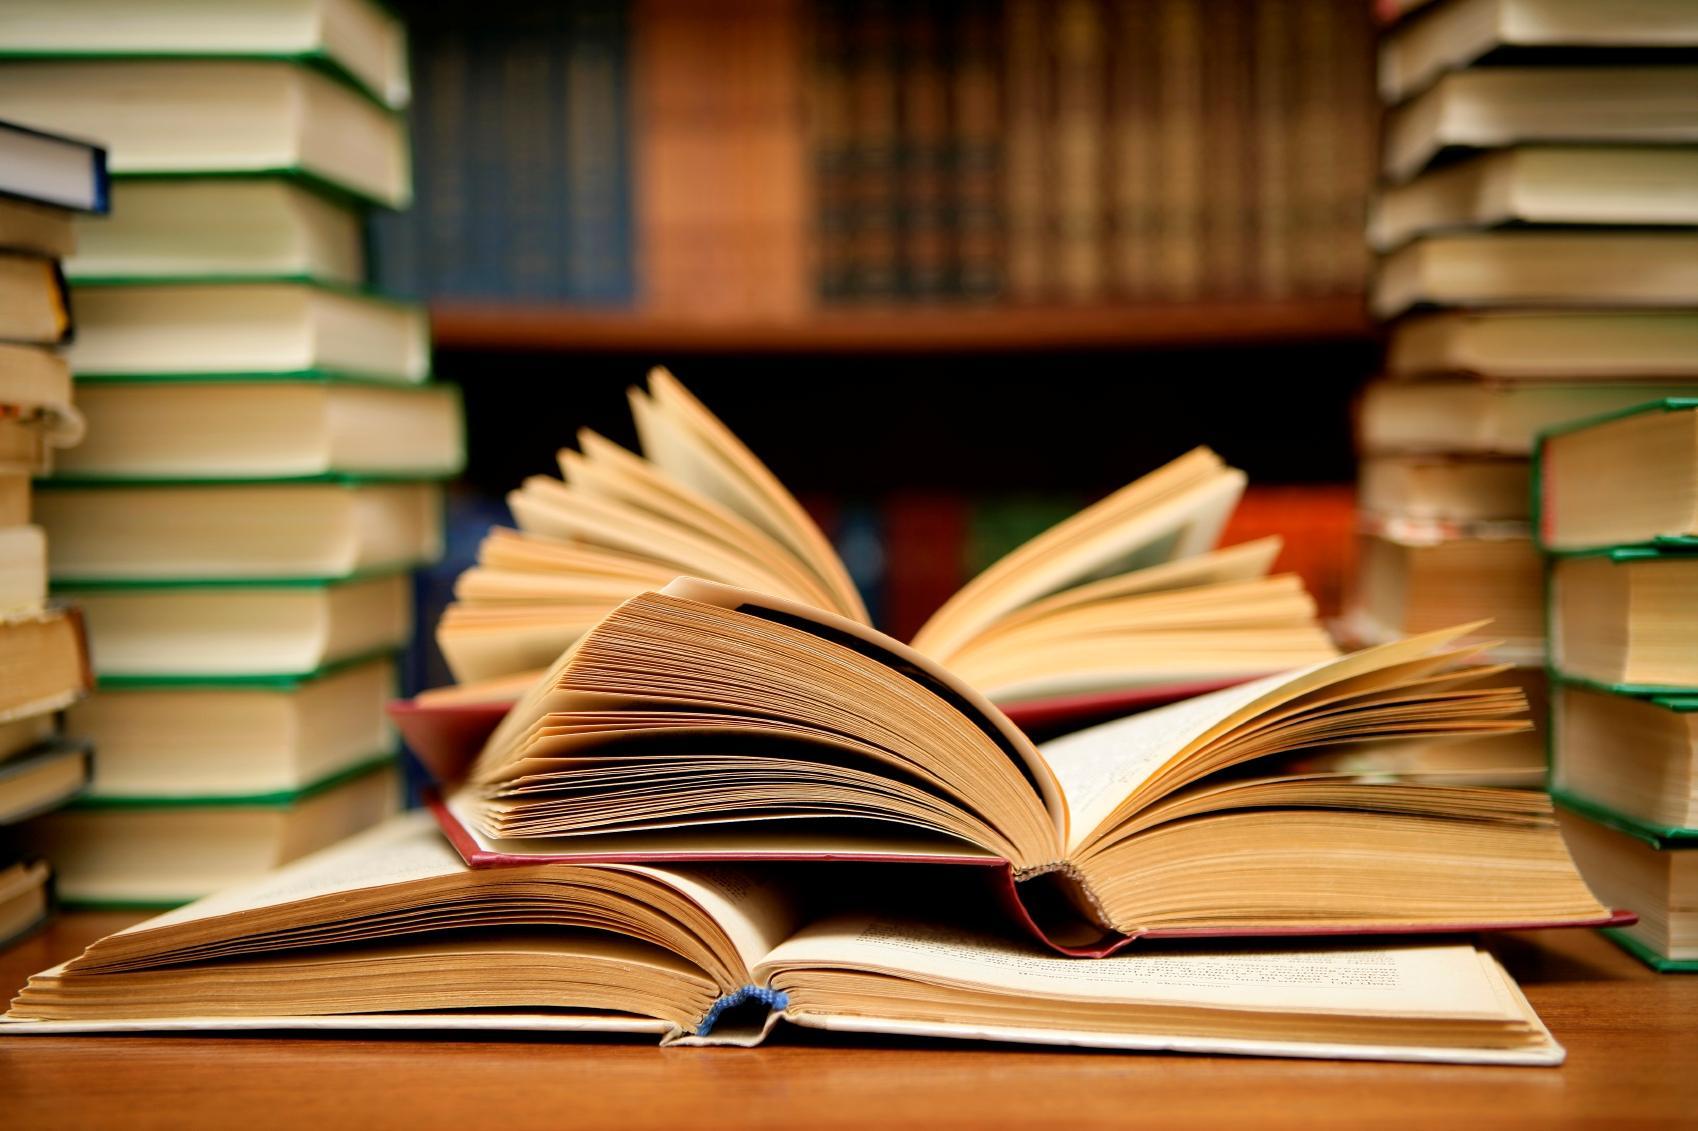 Какие пособия читать, чтобы подготовиться к ЕГЭ?